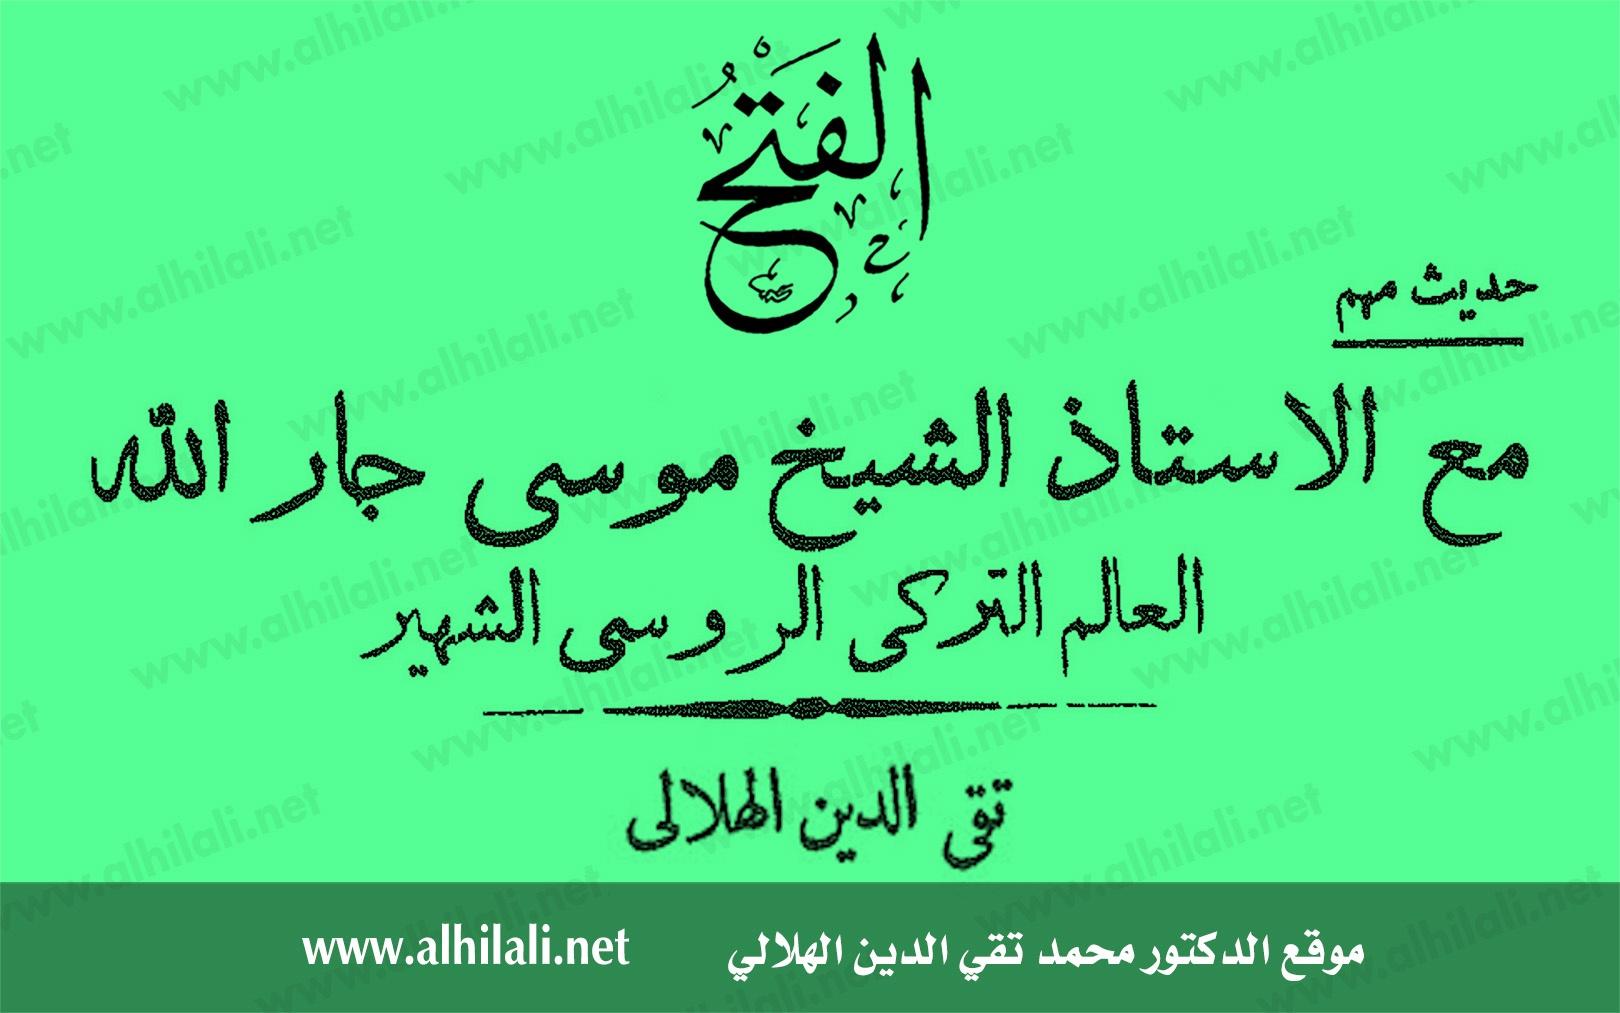 حديث مهم مع الاستاذ جار الله - الهلالي